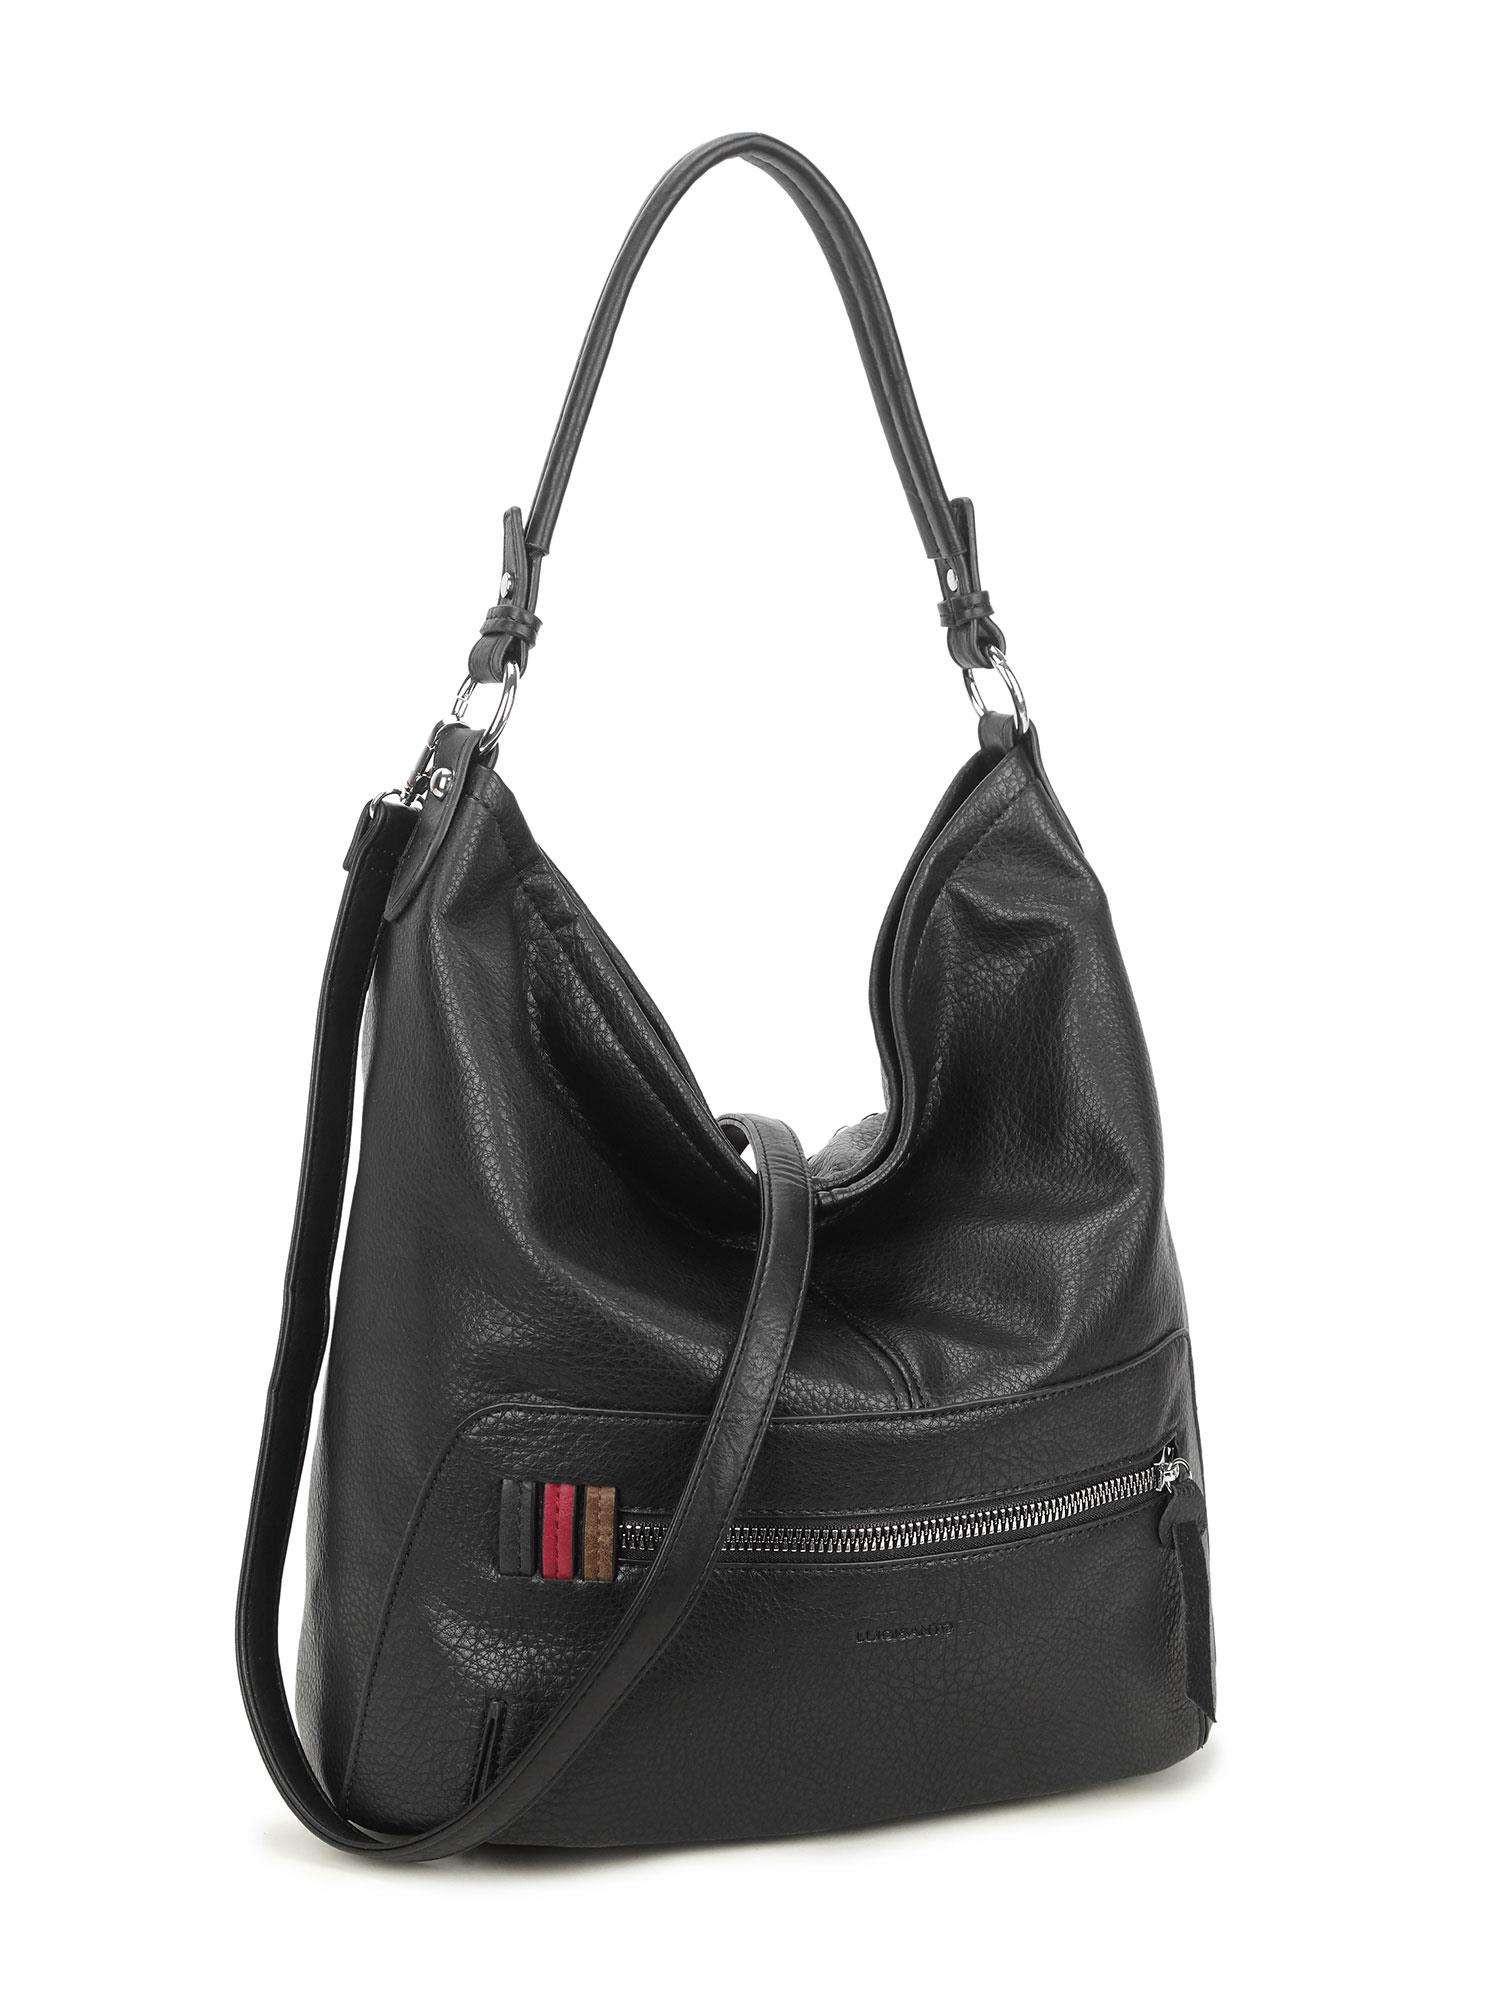 LUIGISANTO Čierna veľká taška vyrobená z ekologickej kože one size